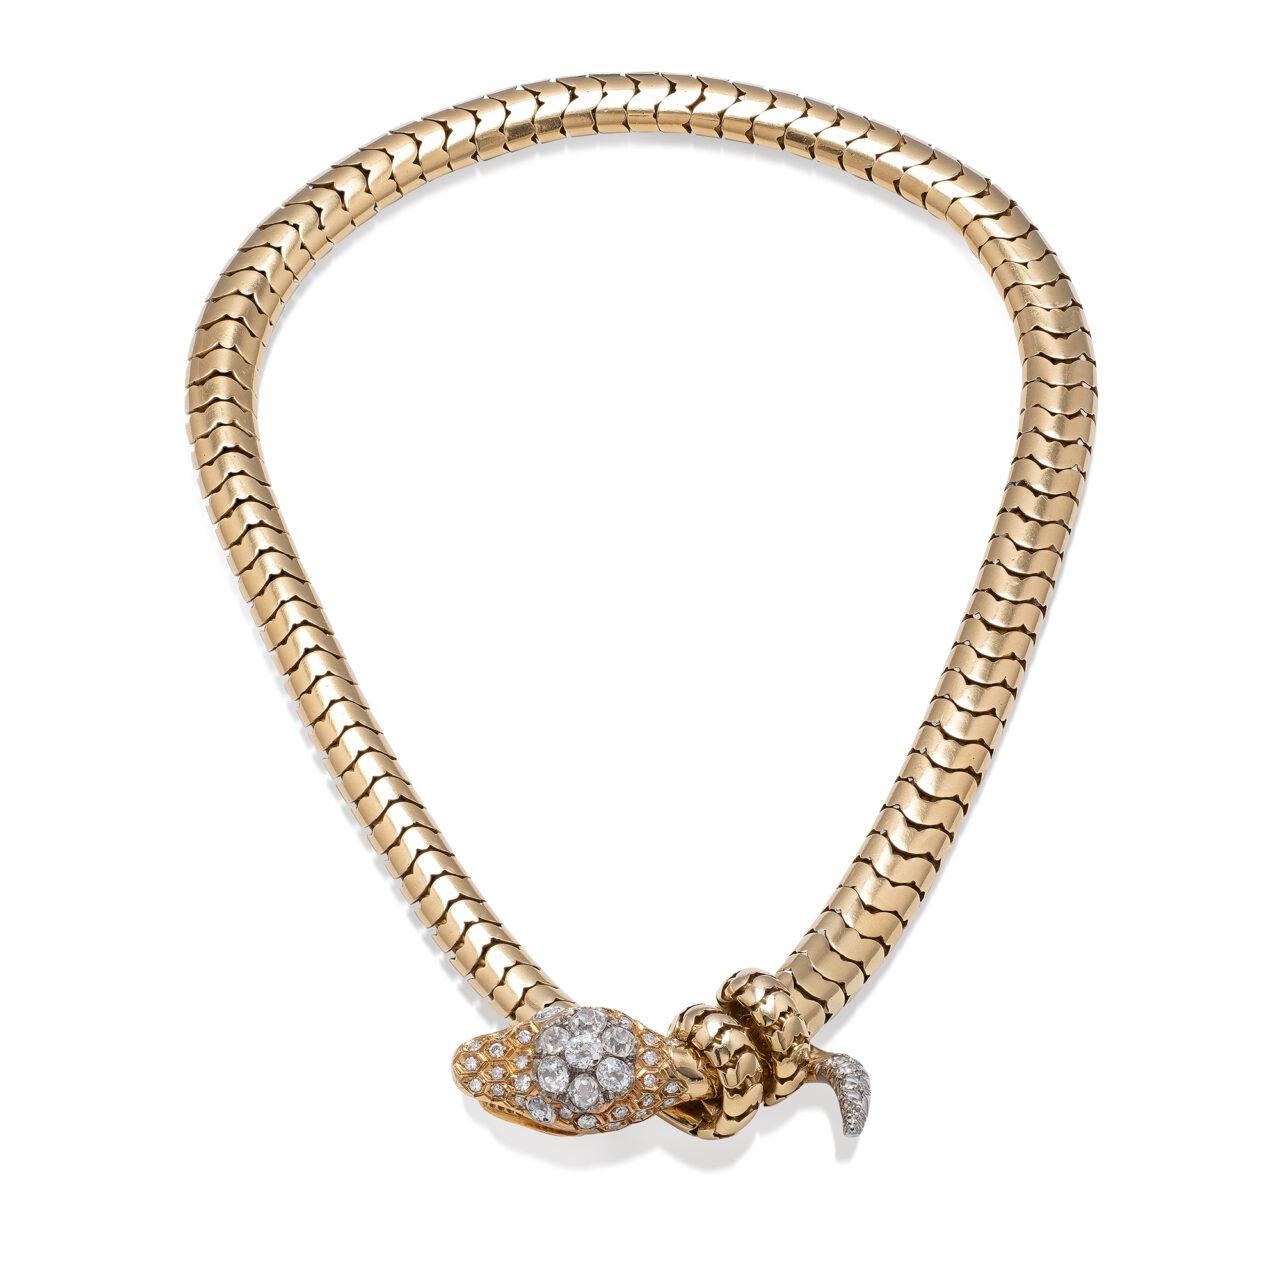 Gioiello d'epoca di Carlo Illario in oro giallo 18k con diamanti